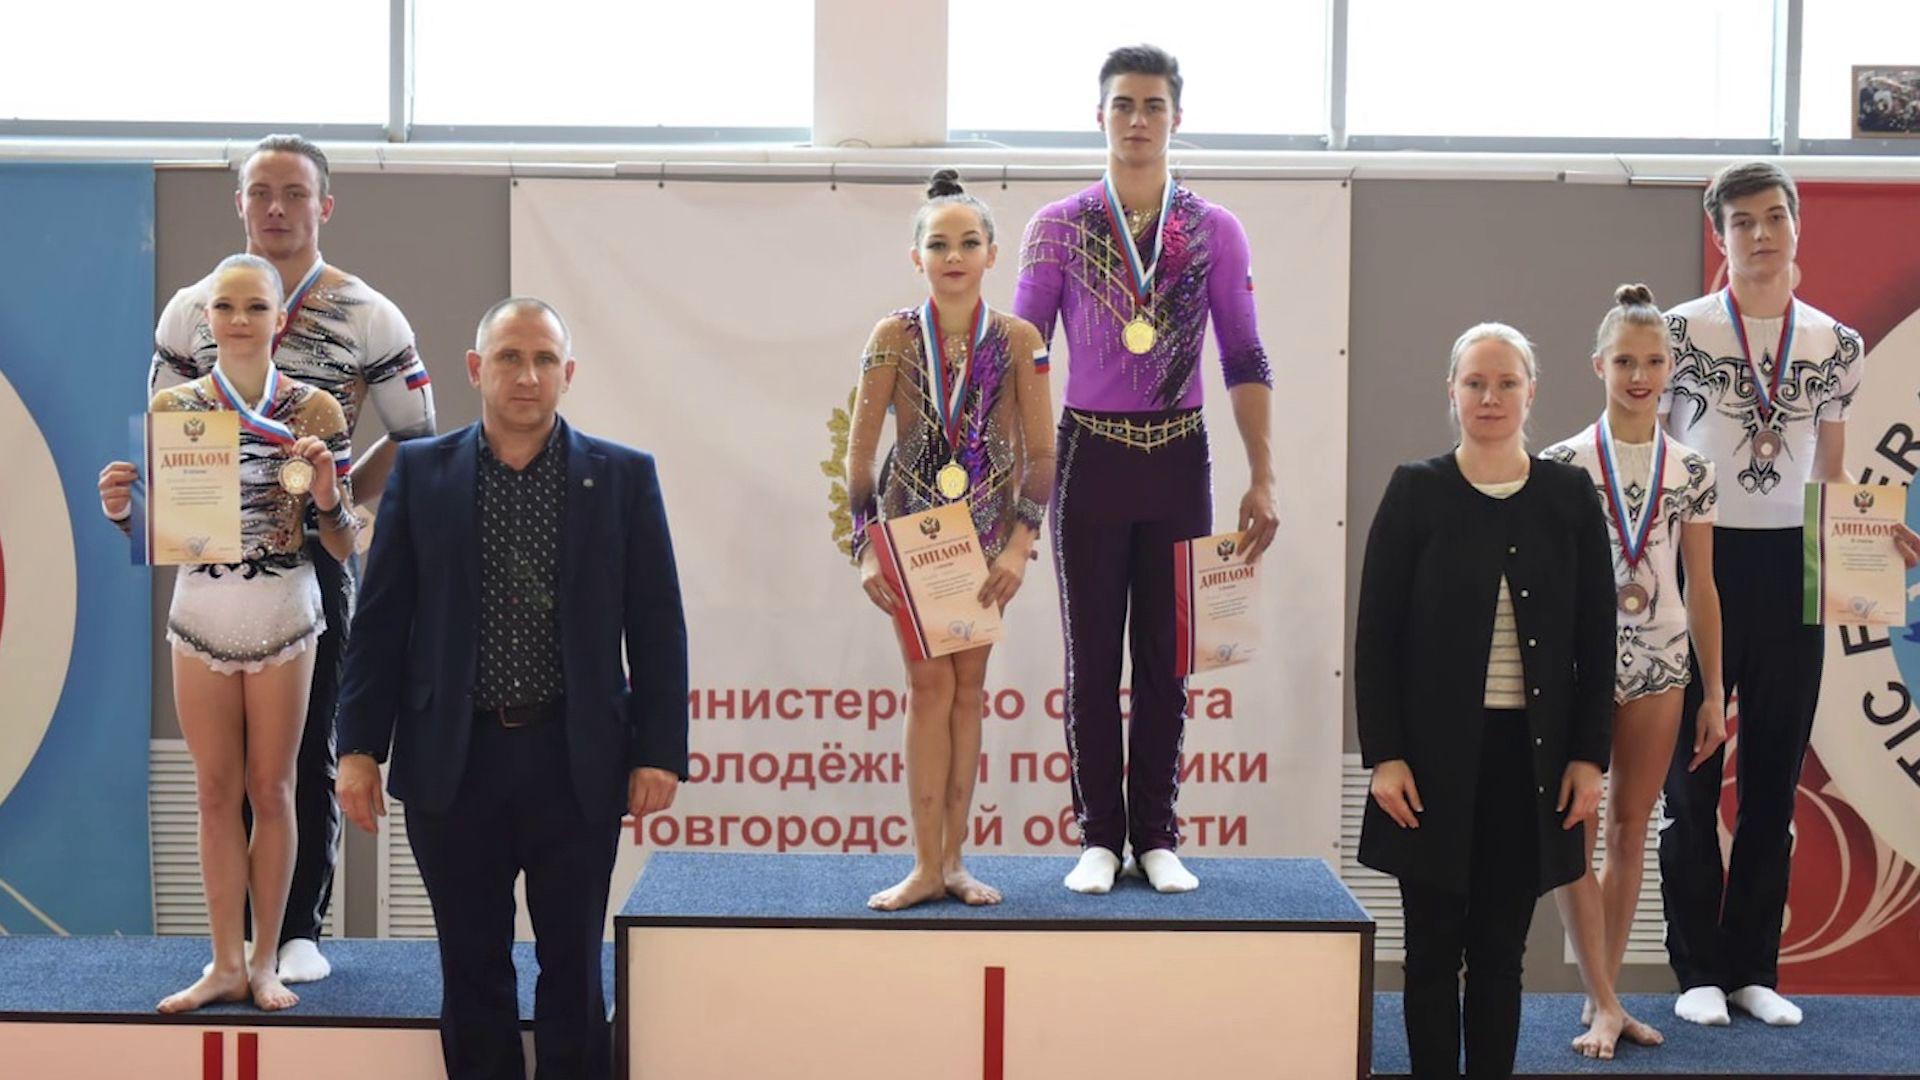 Смешанная пара из Ярославля стала лучшей на чемпионате страны по спортивной акробатике